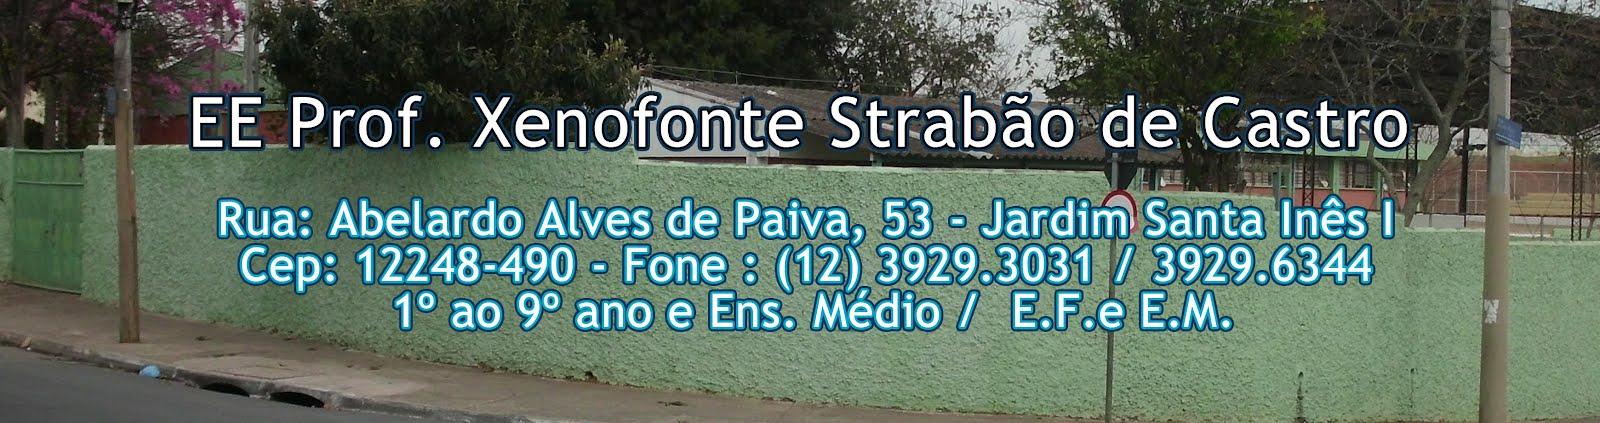 EE Prof. Xenofonte Strabão de Castro